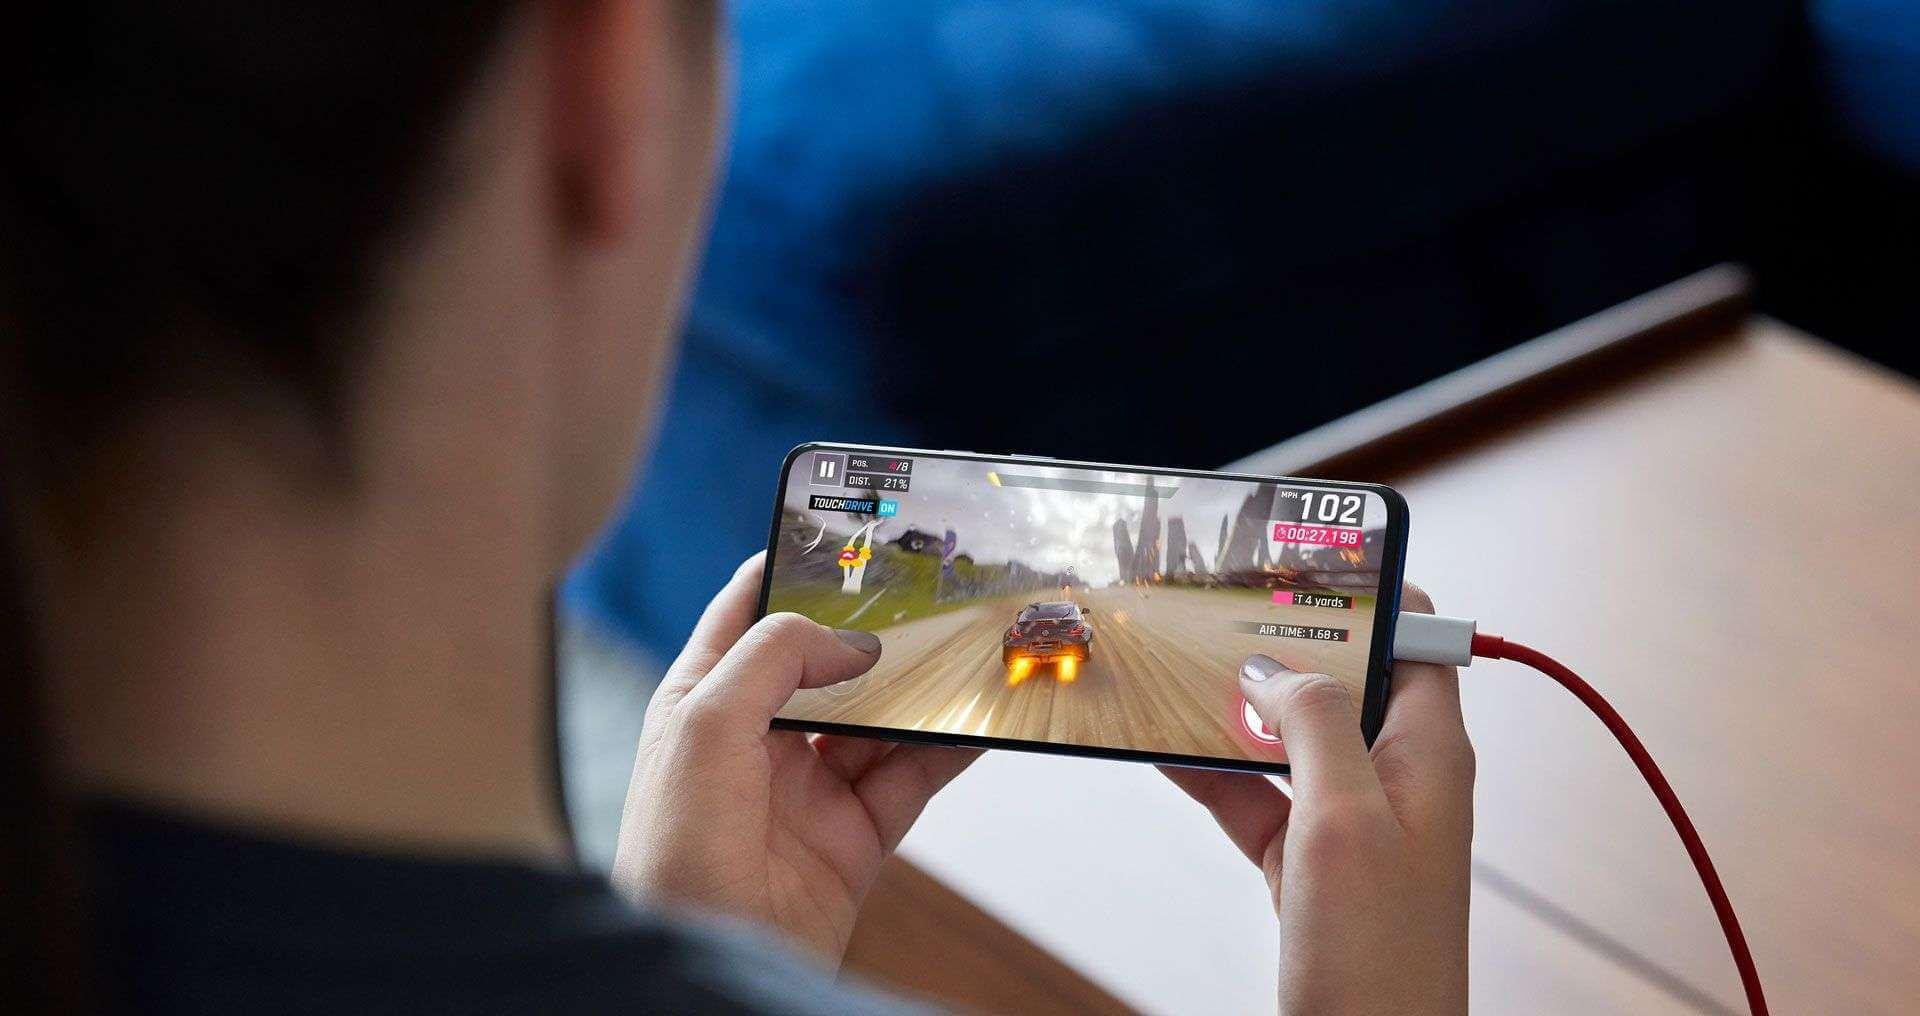 【更新:预载 Android 10】OnePlus 7T 系列定 9 月 26 亮相 5